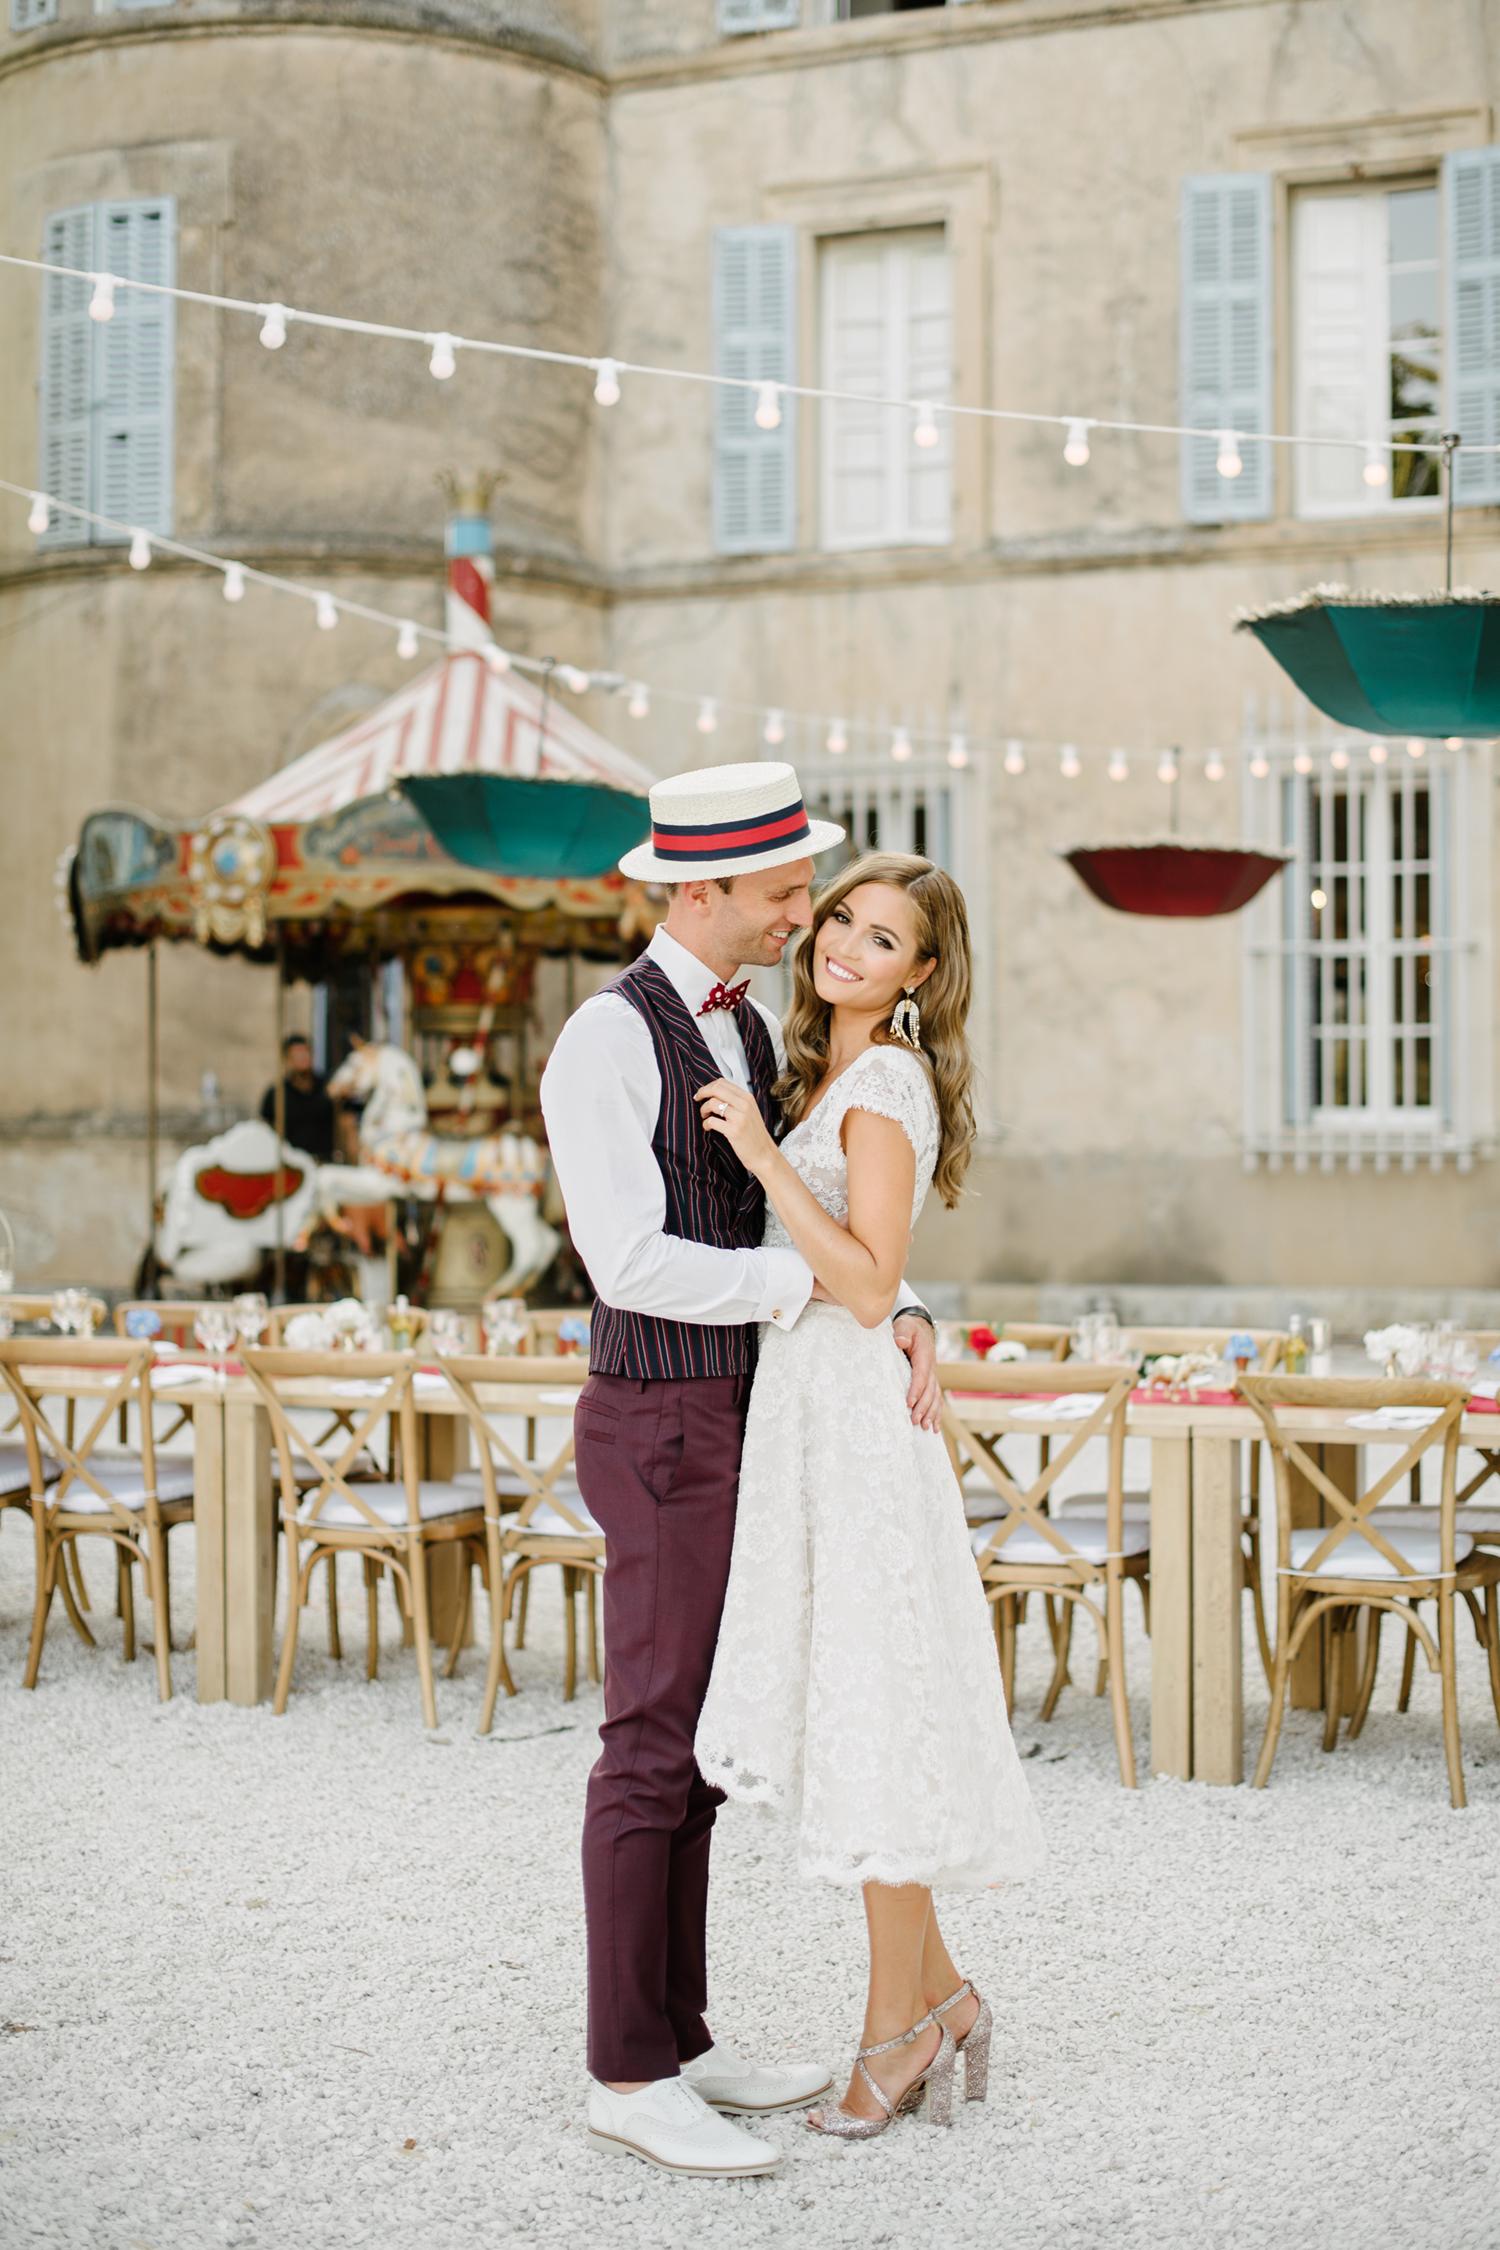 Chateau-Robernier-Wedding-Photography-0041.jpg